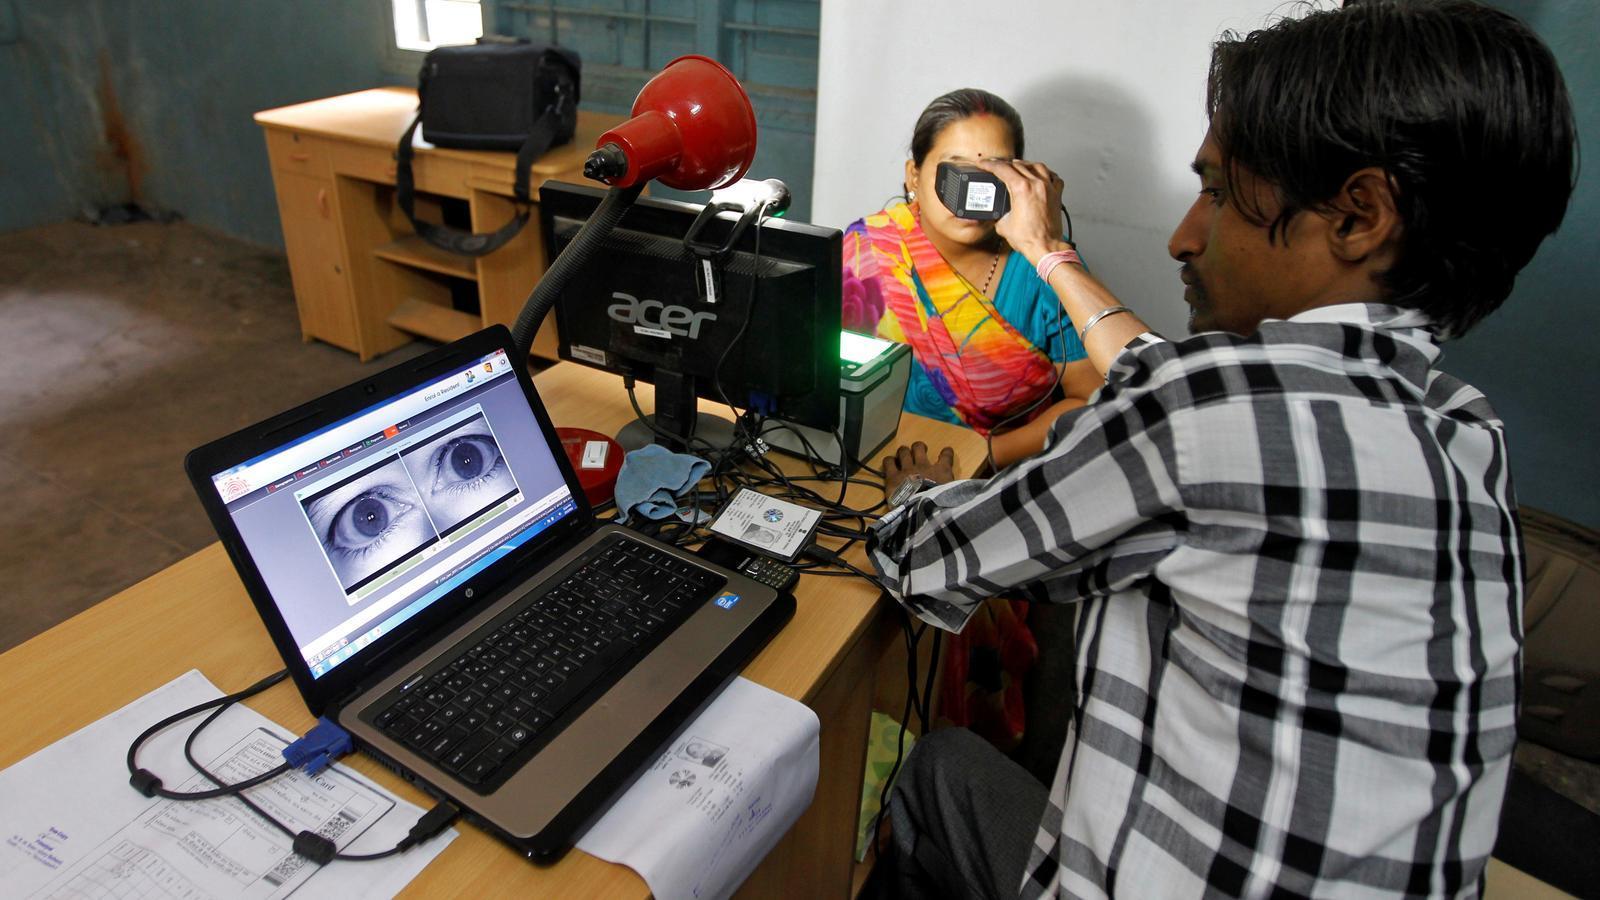 Una dona passa pel procés d'exploració ocular per al sistema de base de dades d'identificació única